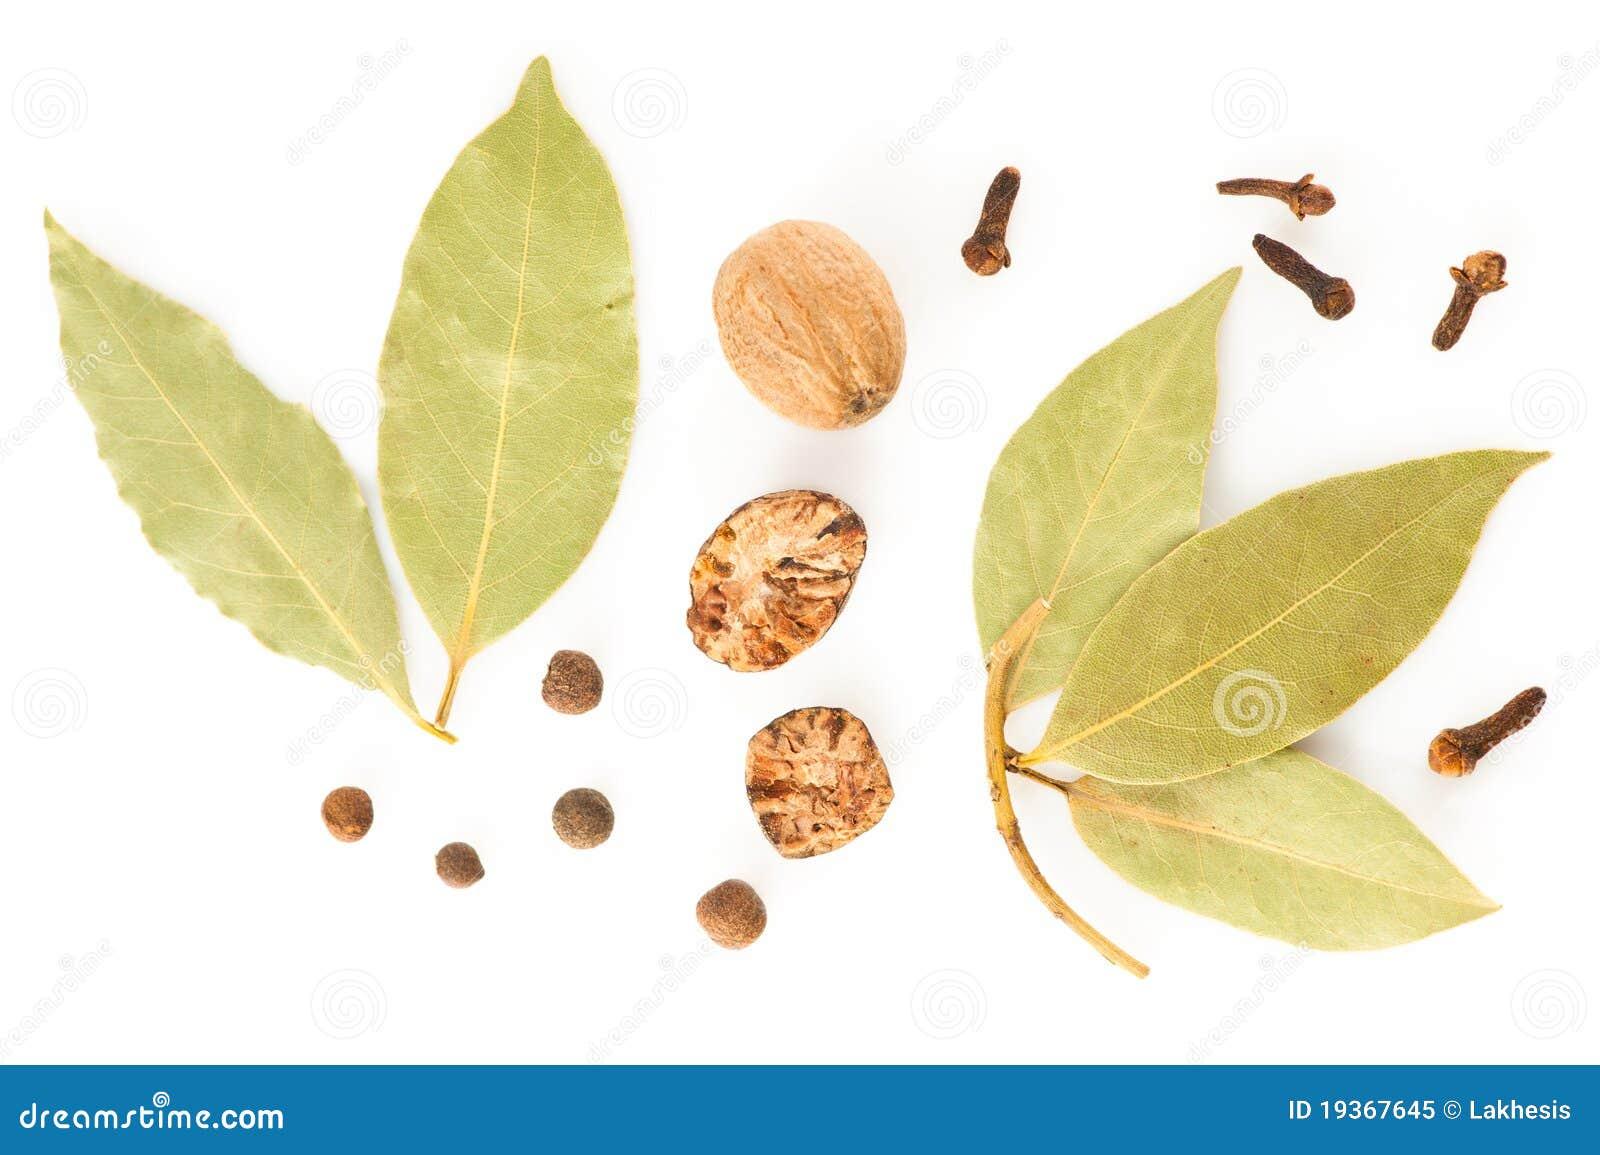 Especiarias. Mistura de ervas secas diferentes